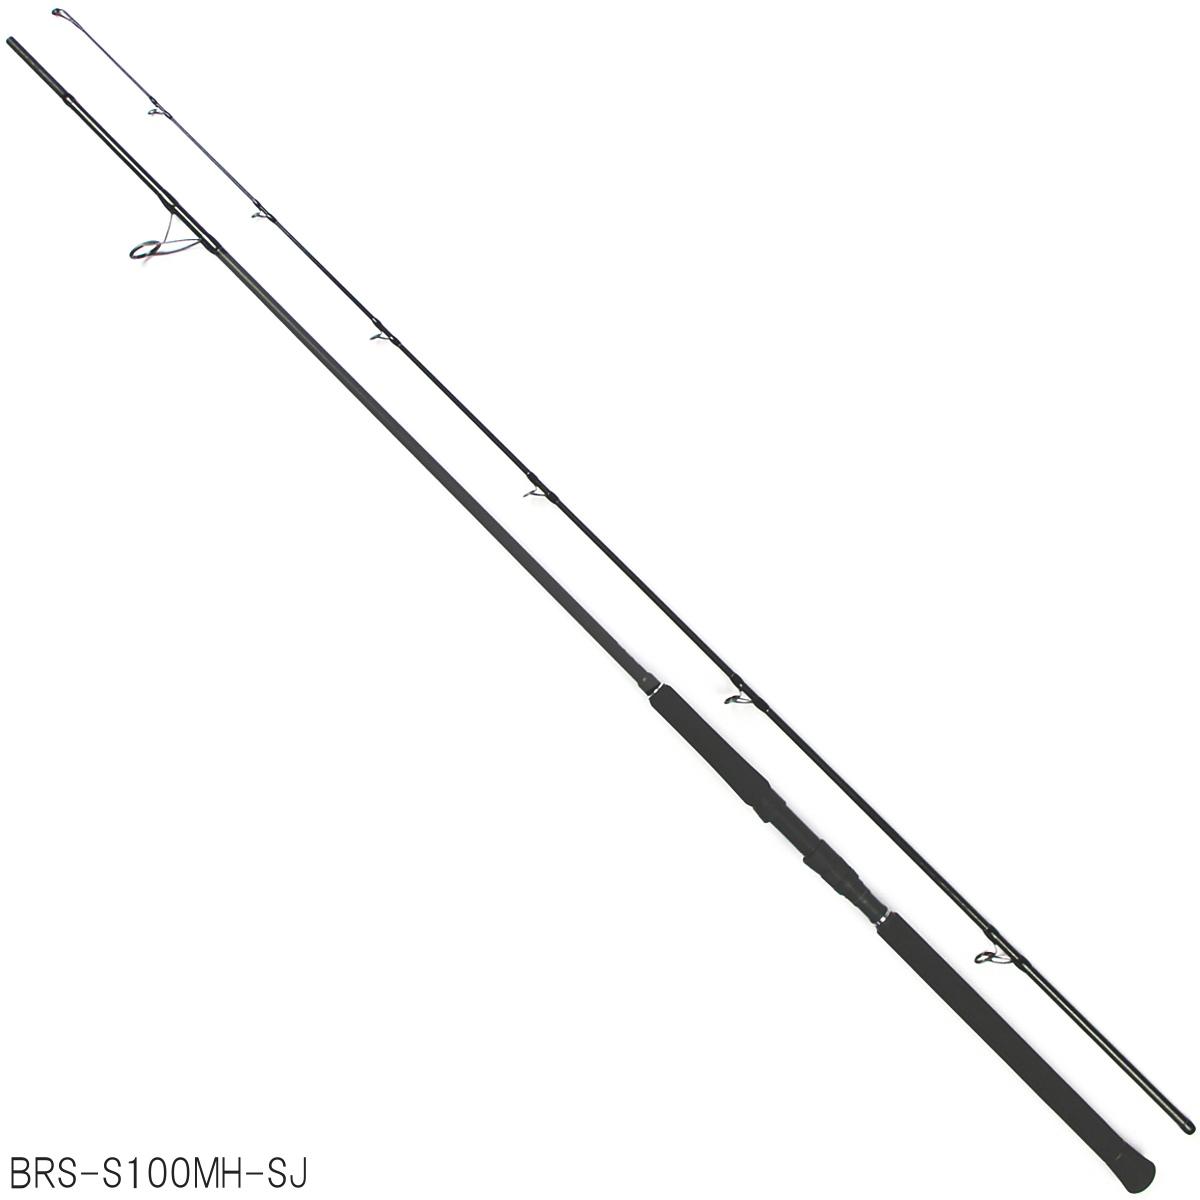 ジャッカル BRS BRS-S100MH-SJ【大型商品】【送料無料】